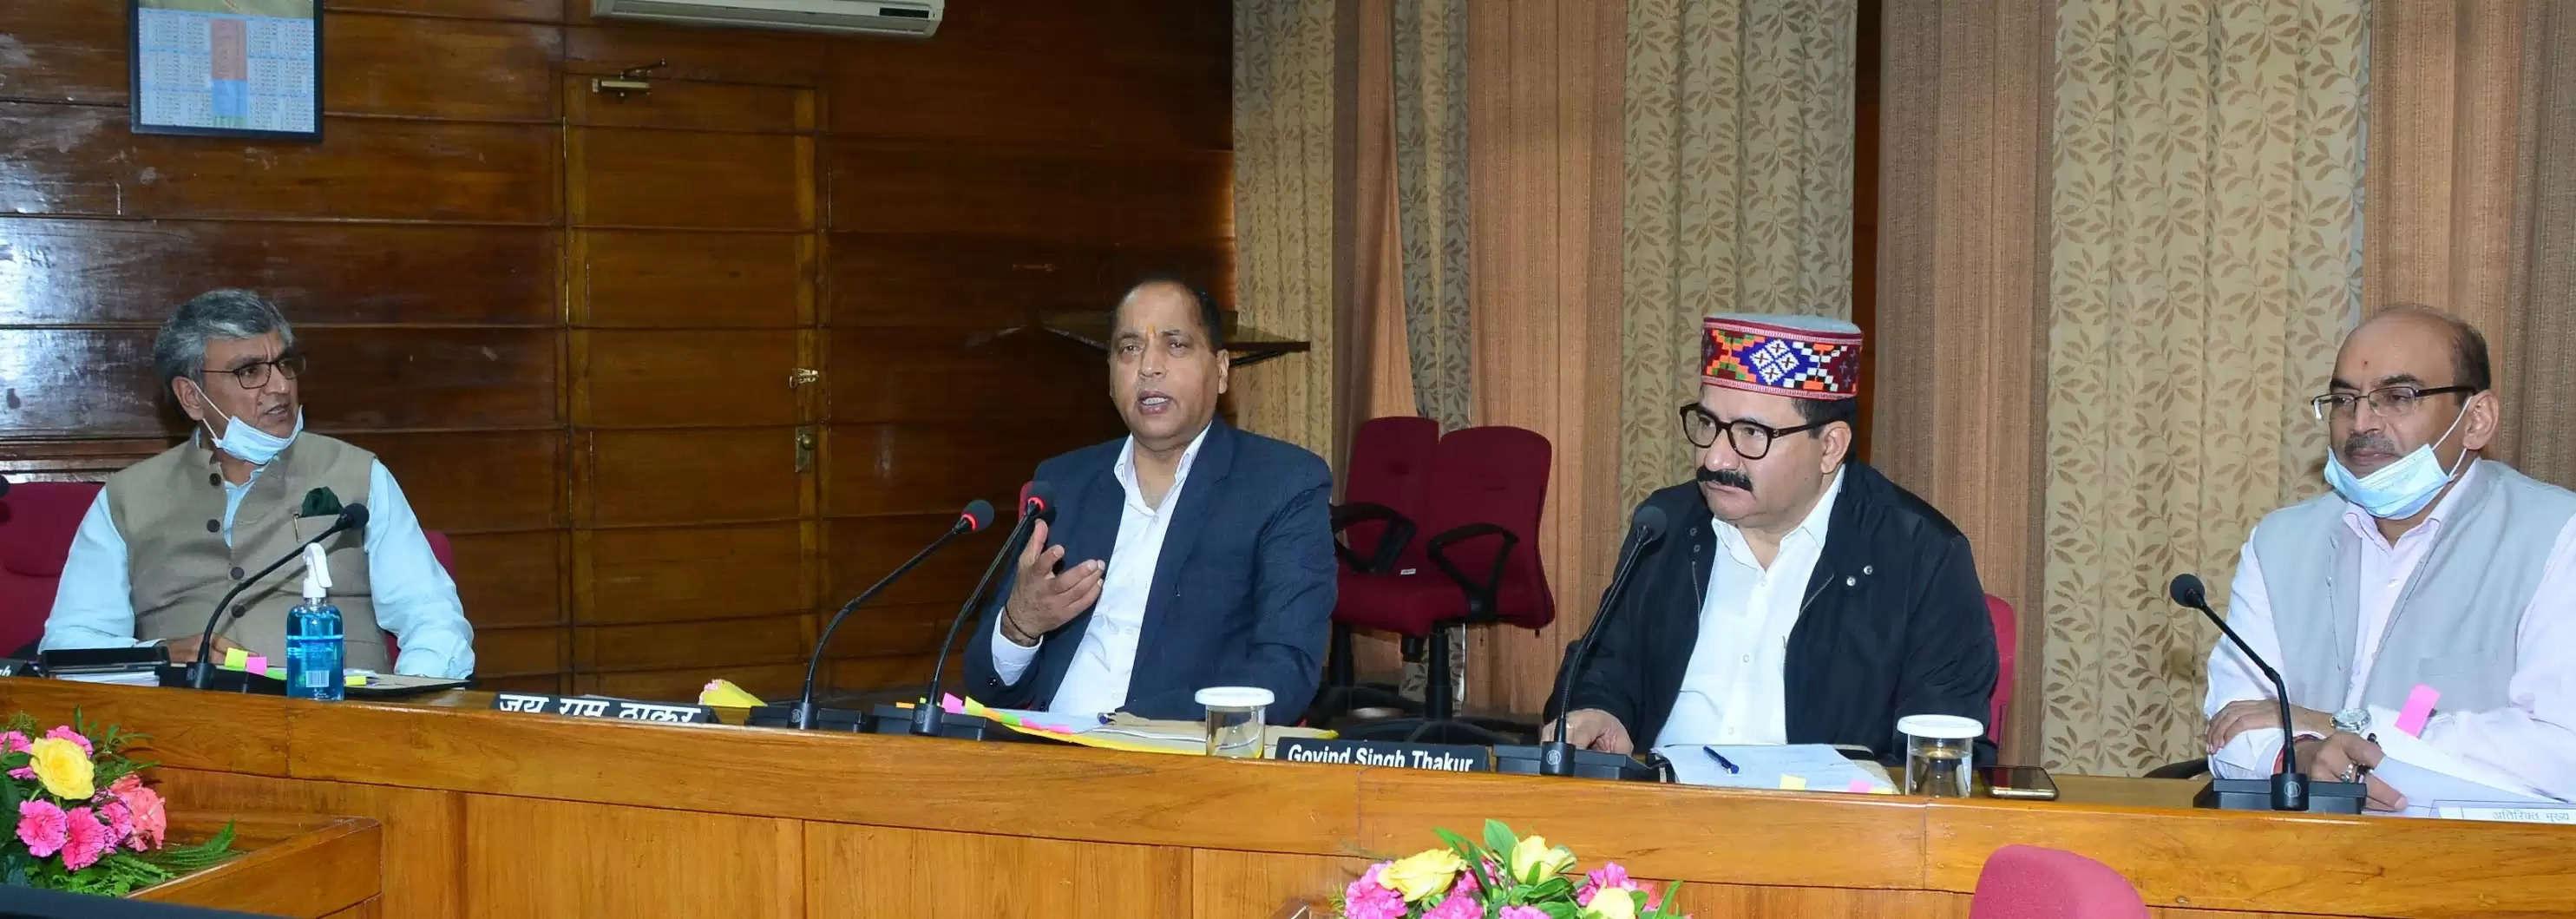 मुख्यमंत्री जयराम ठाकुर की अध्यक्षता में विभिन्न विषयों पर चर्चा के लिए कुल्लू दशहरा समिति की बैठक सोमवार को हुई।